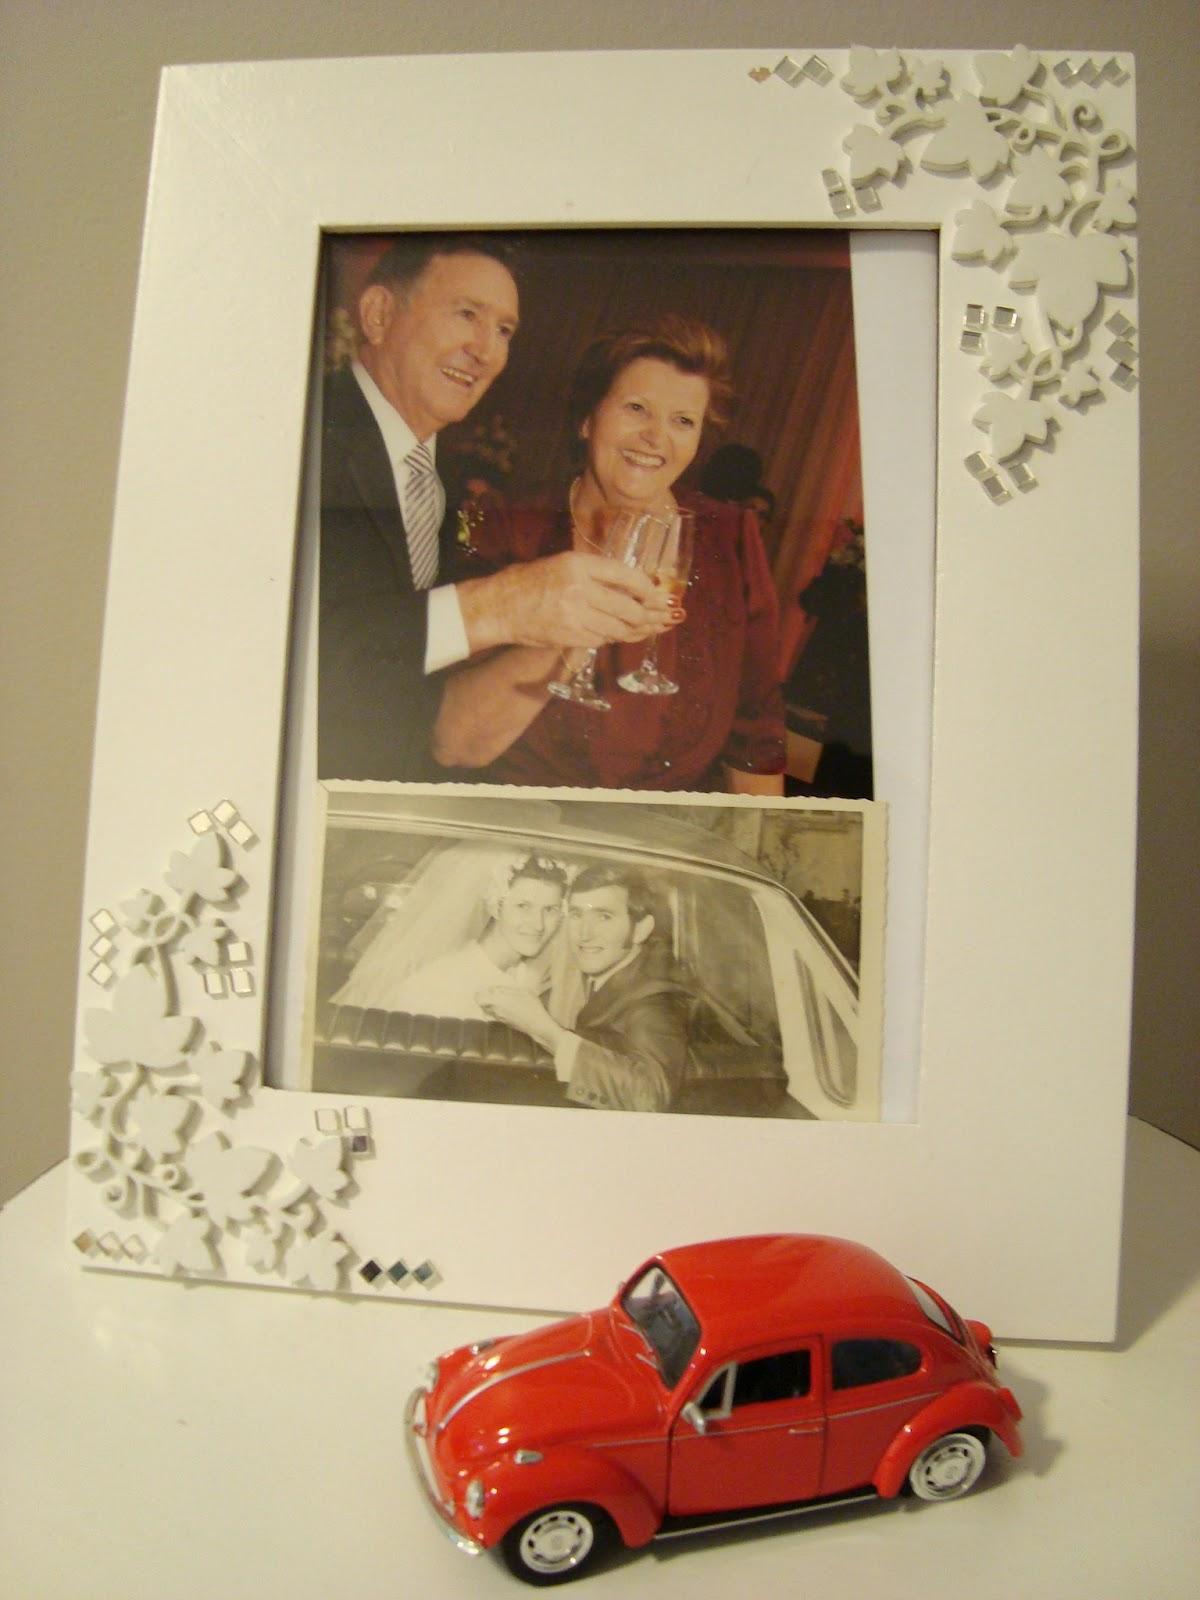 decoracao festa surpresa:Anos de amor dedicados à família merecem uma comemeoração especial